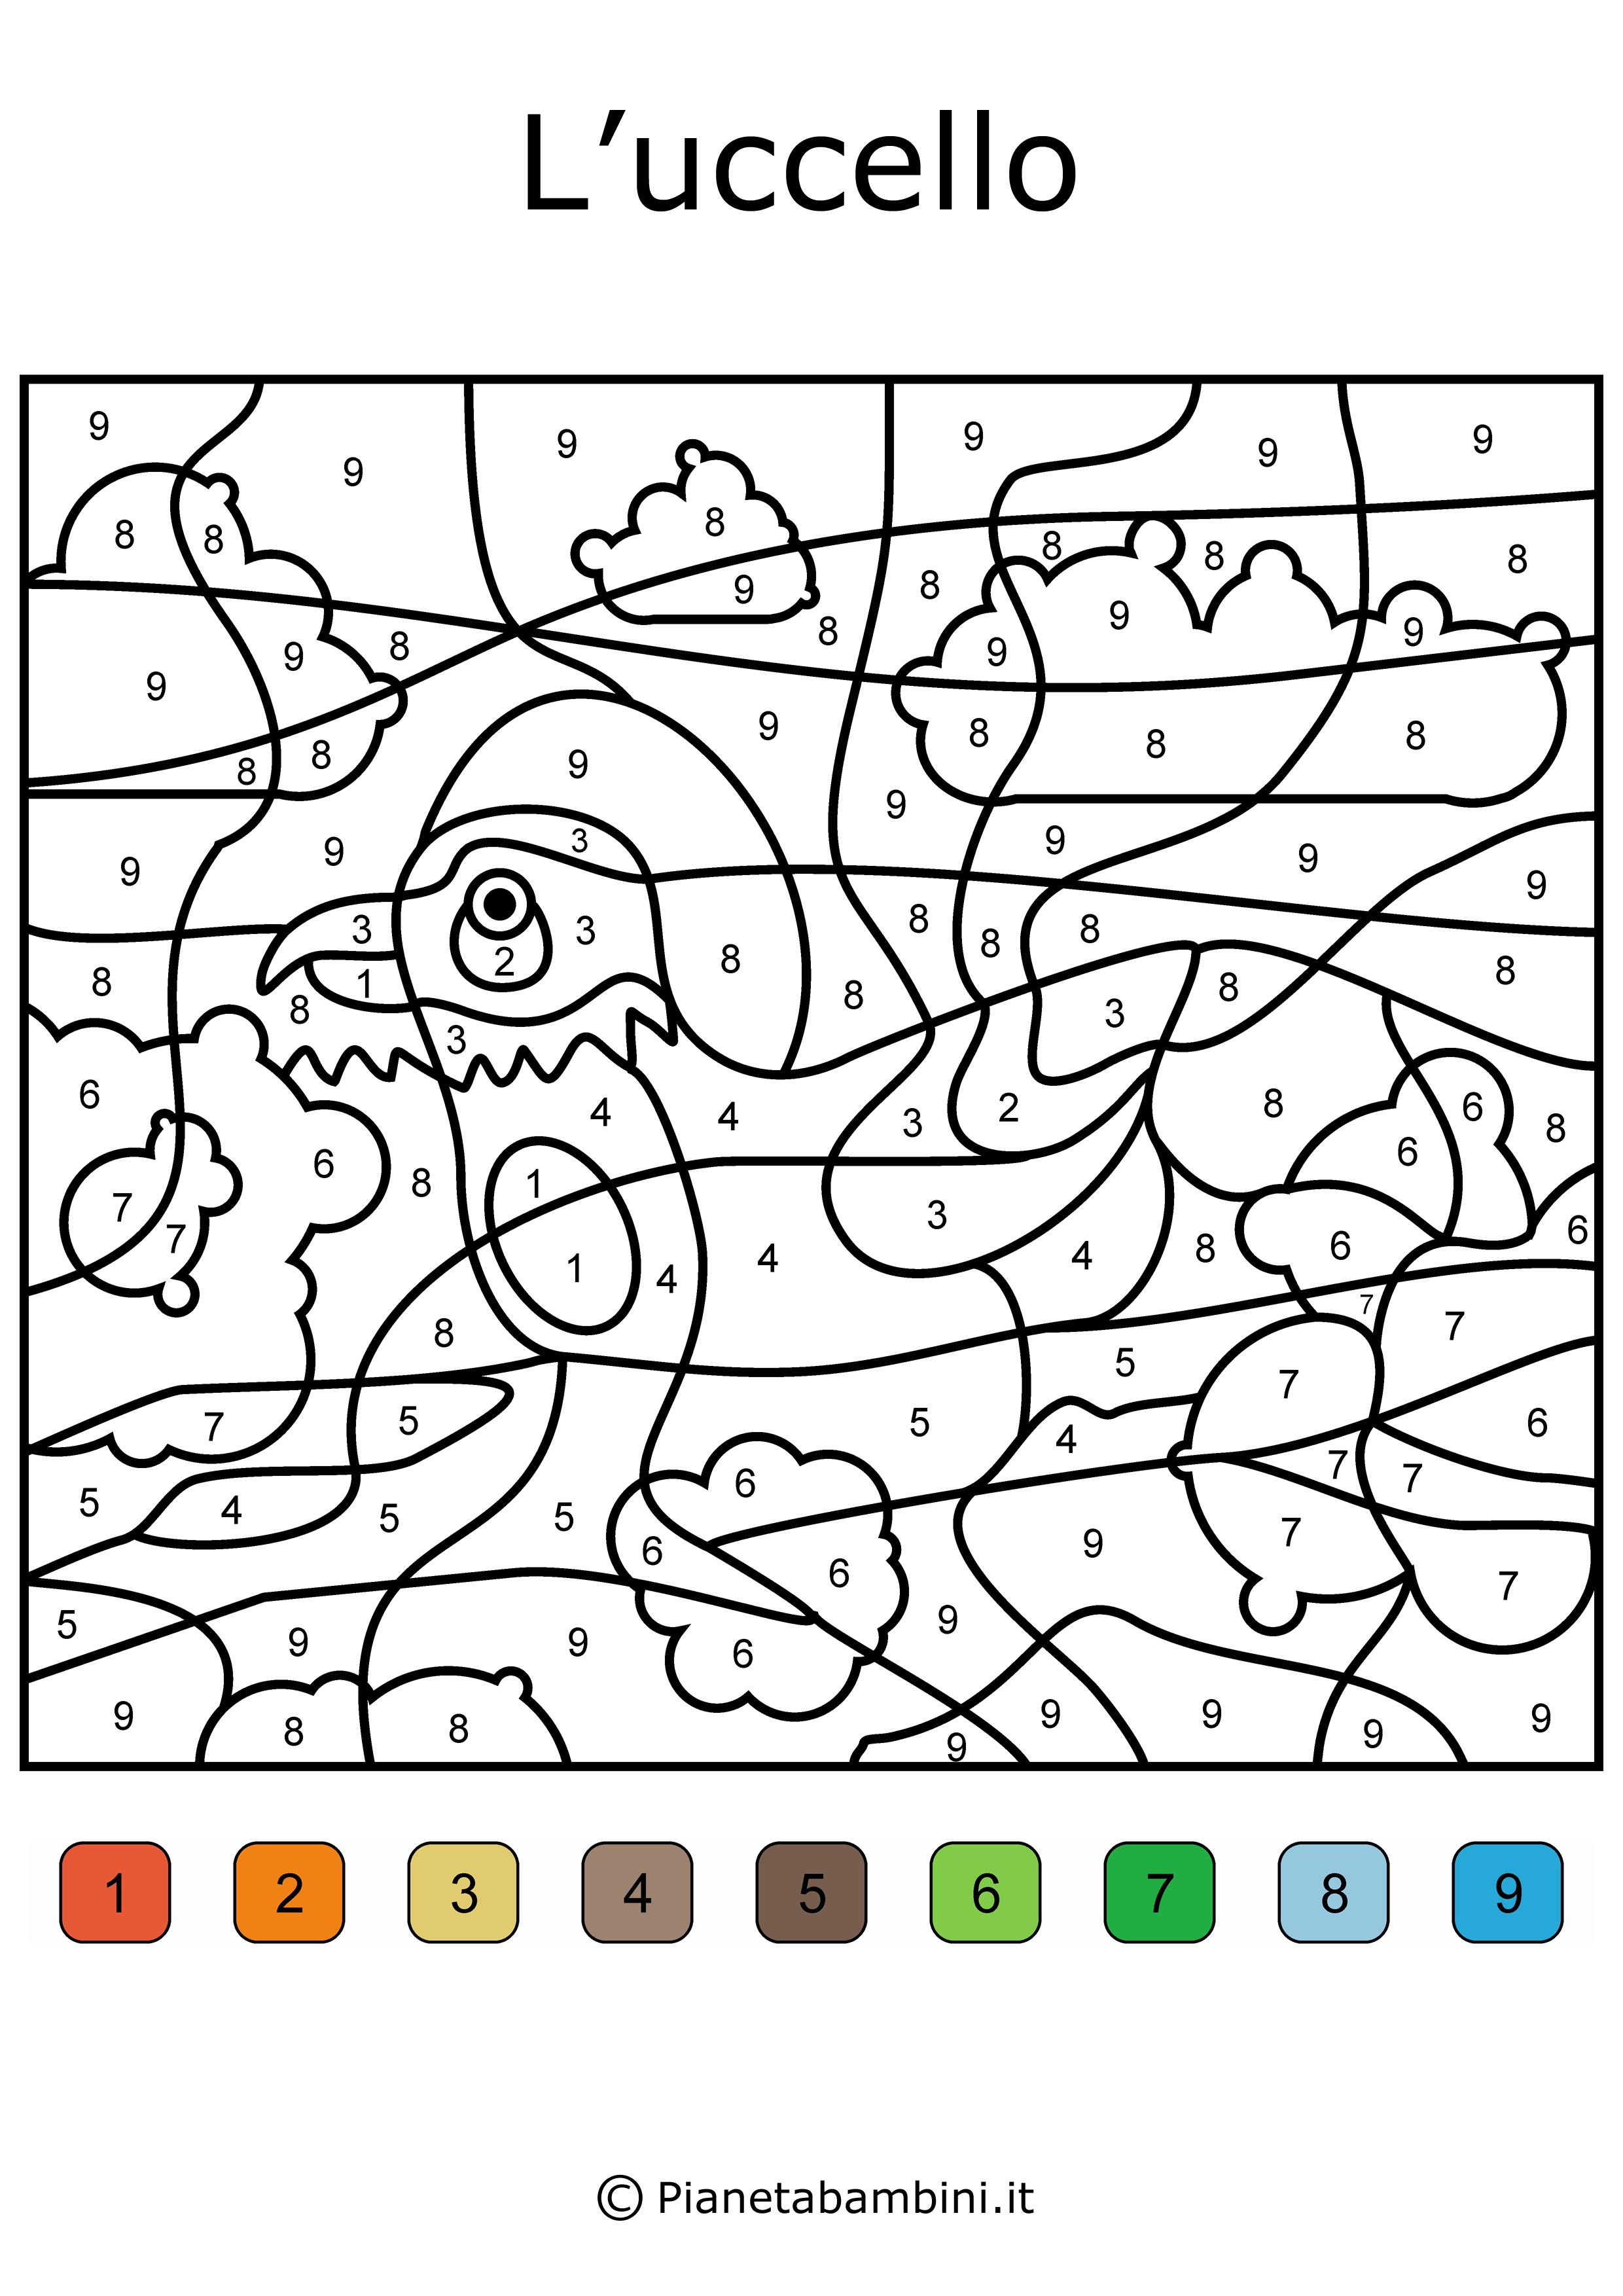 Conta-e-Colora-Difficile-Uccello